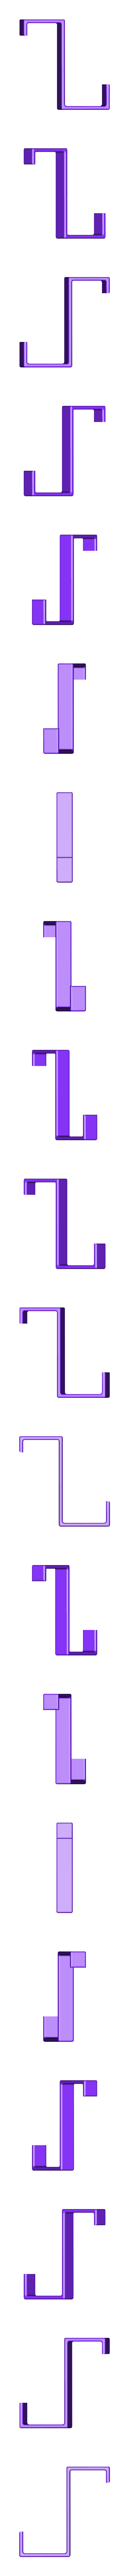 7Door_Hooks.STL Télécharger fichier STL gratuit Crochets de porte (10 tailles différentes) • Design pour impression 3D, Saeid